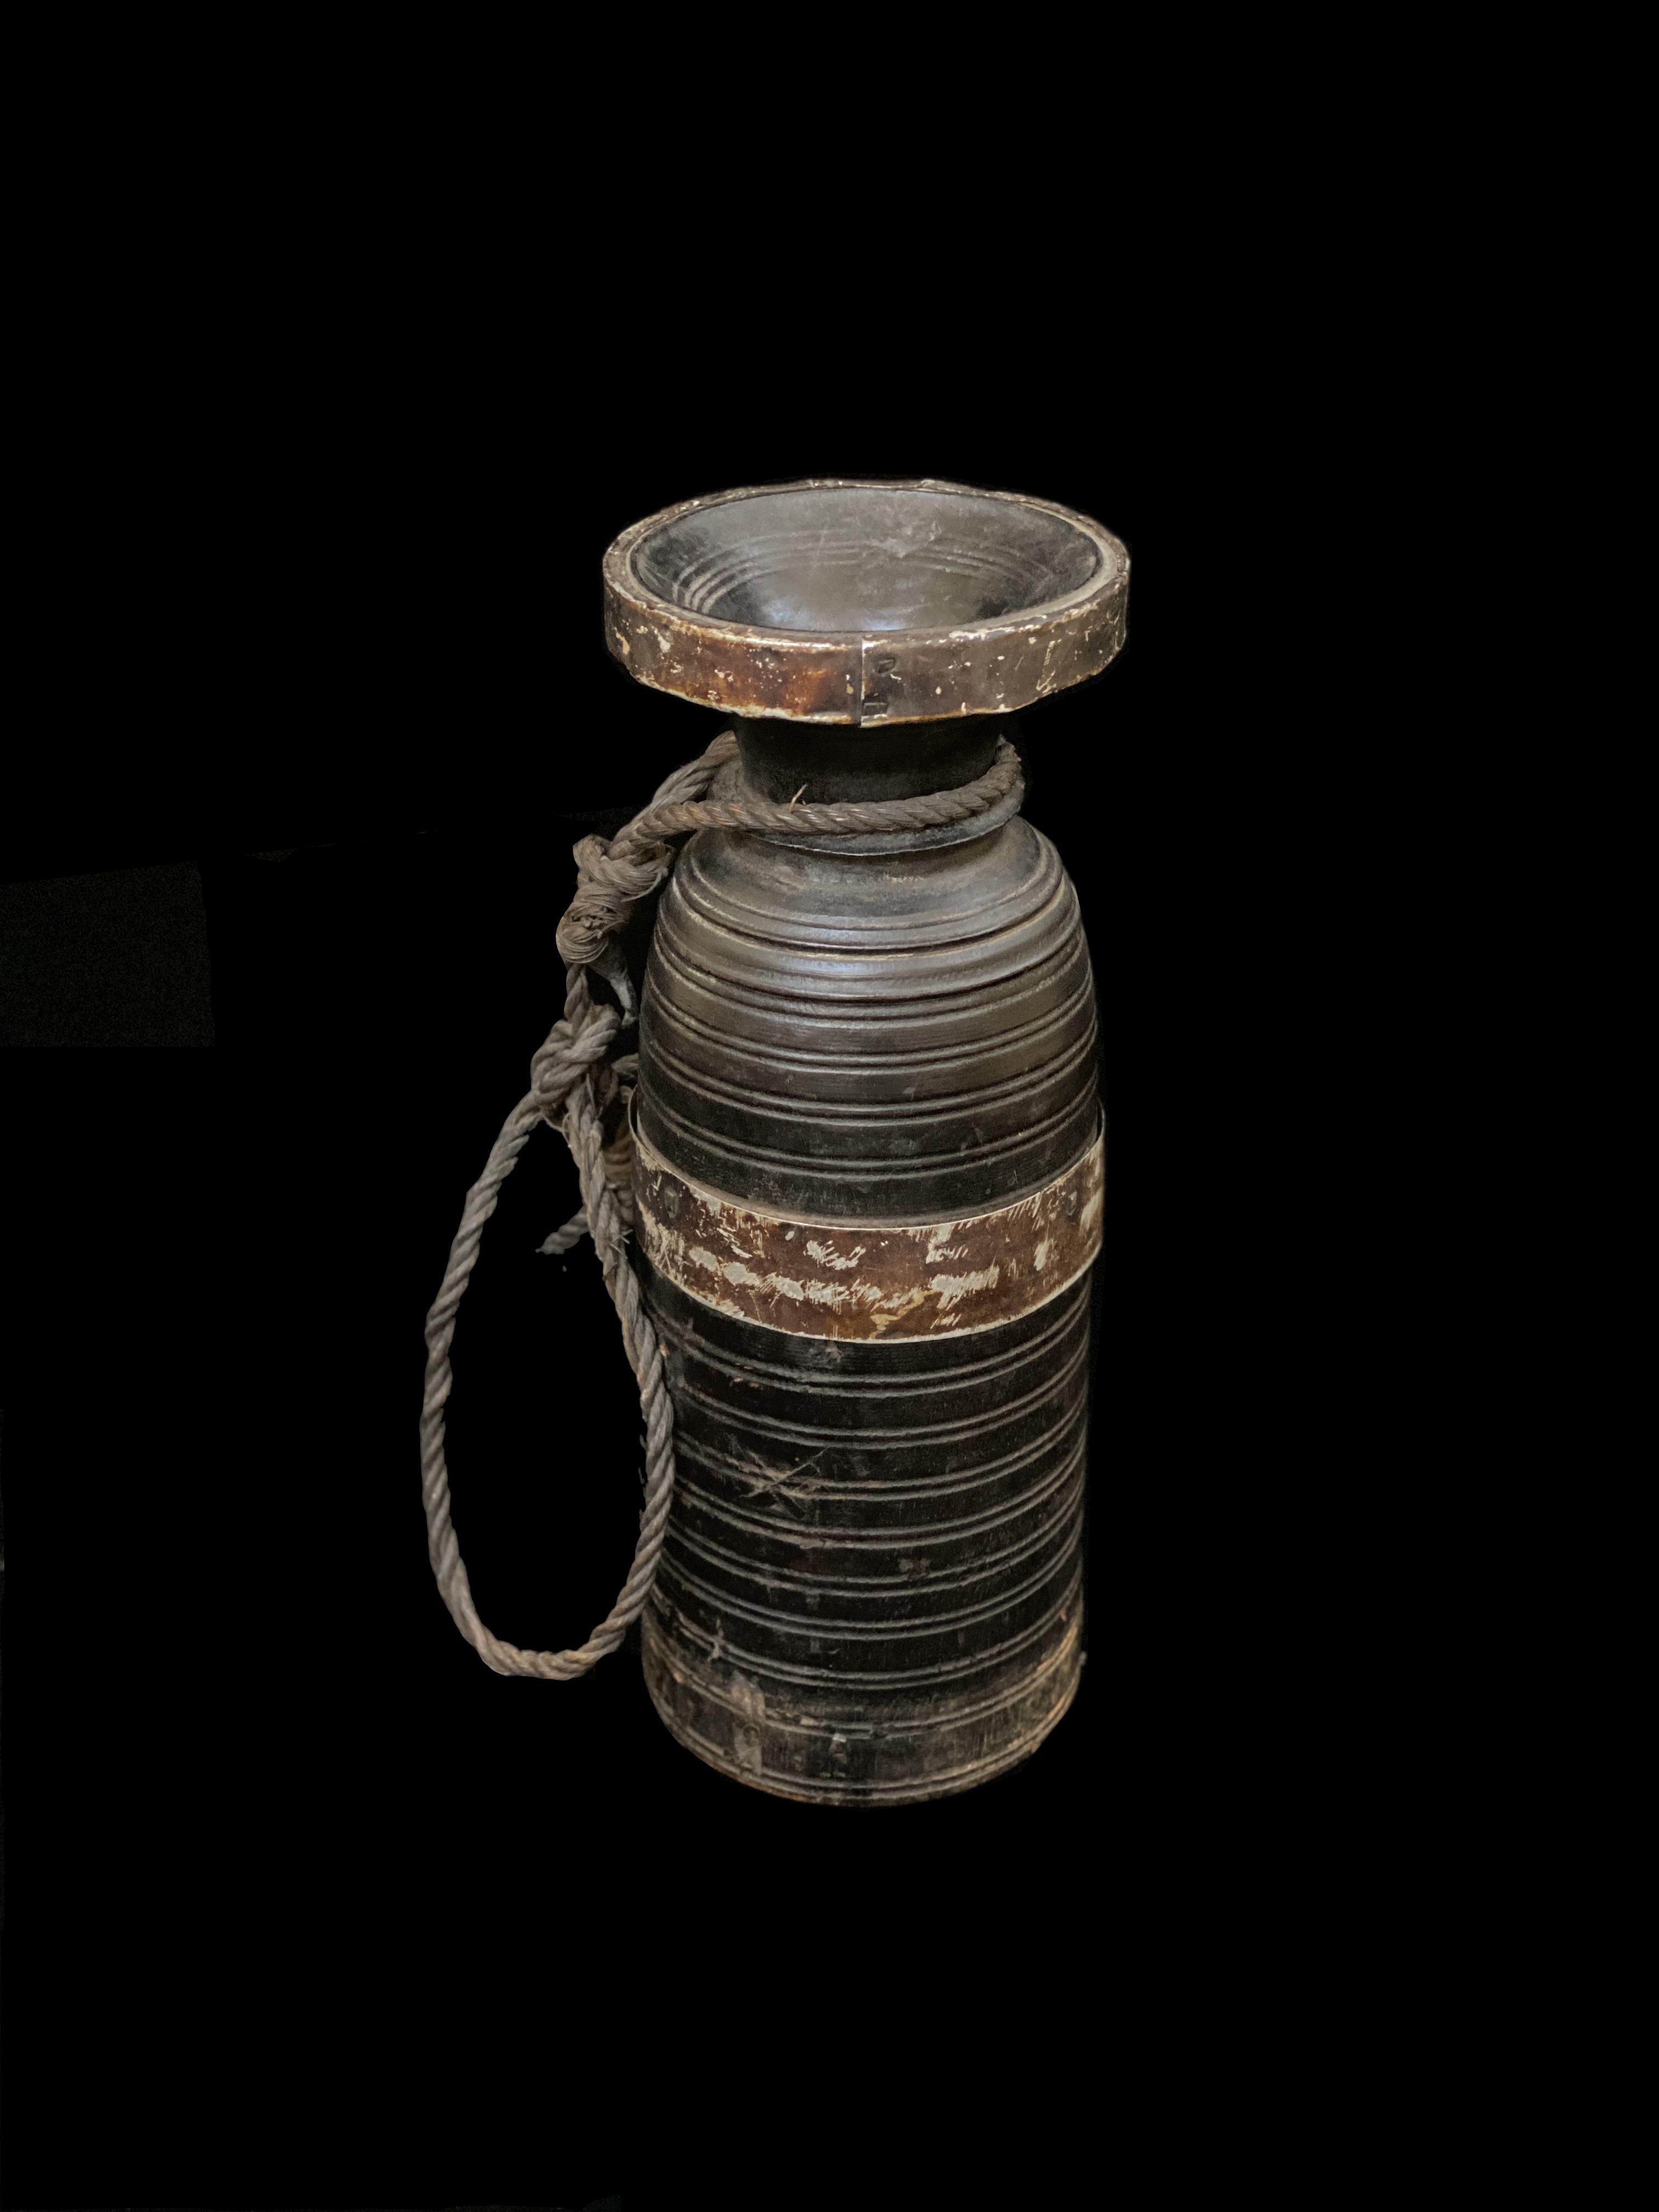 Rustic Nepalese Wooden Ghee Pot, or Jar